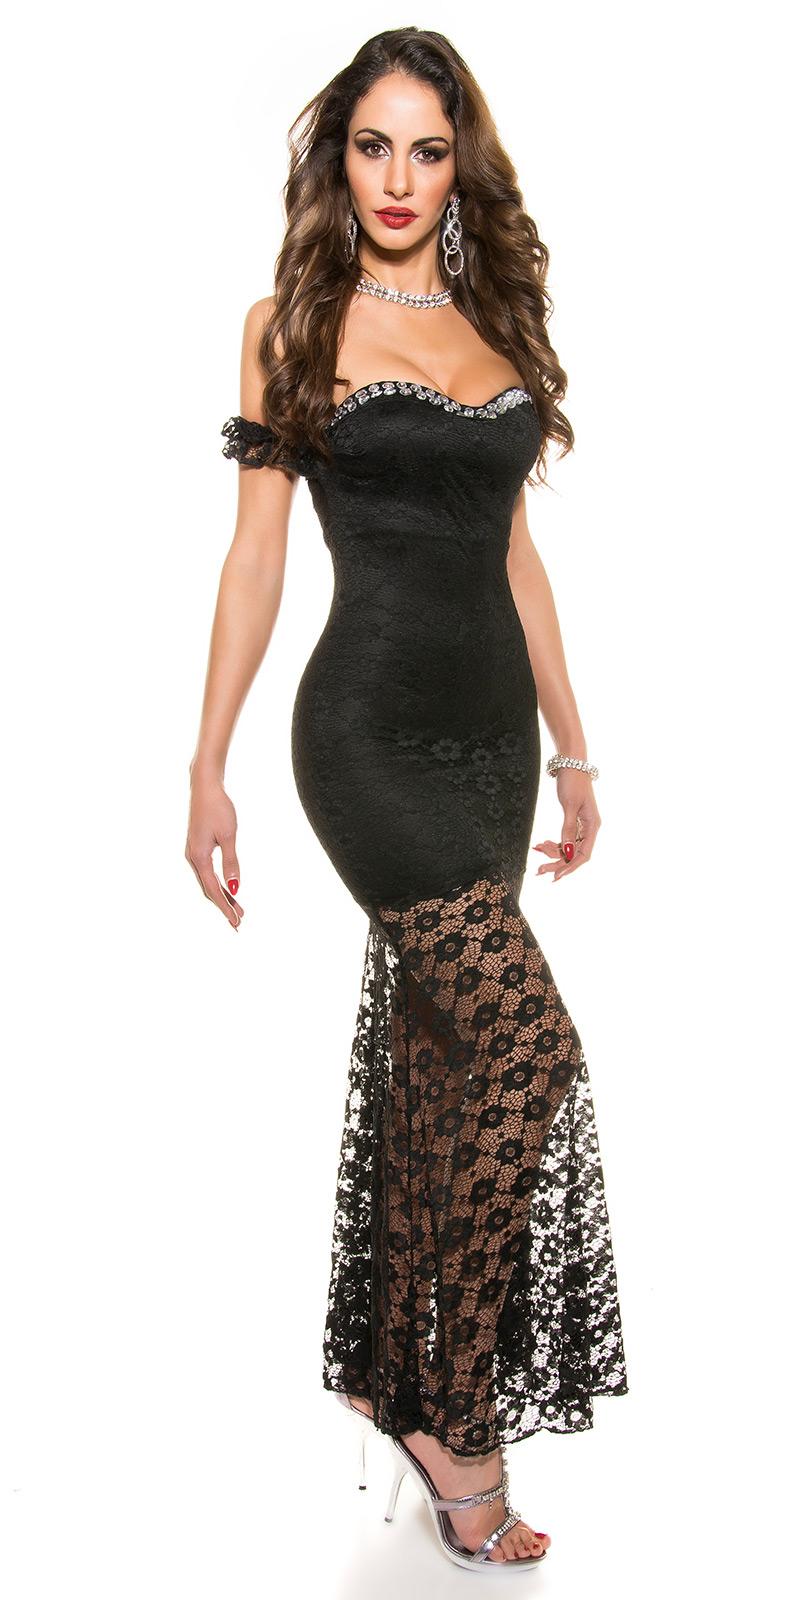 Kompletní specifikace · Související zboží (0). Nádherné dlouhé plesové šaty  ... 83d181d6515